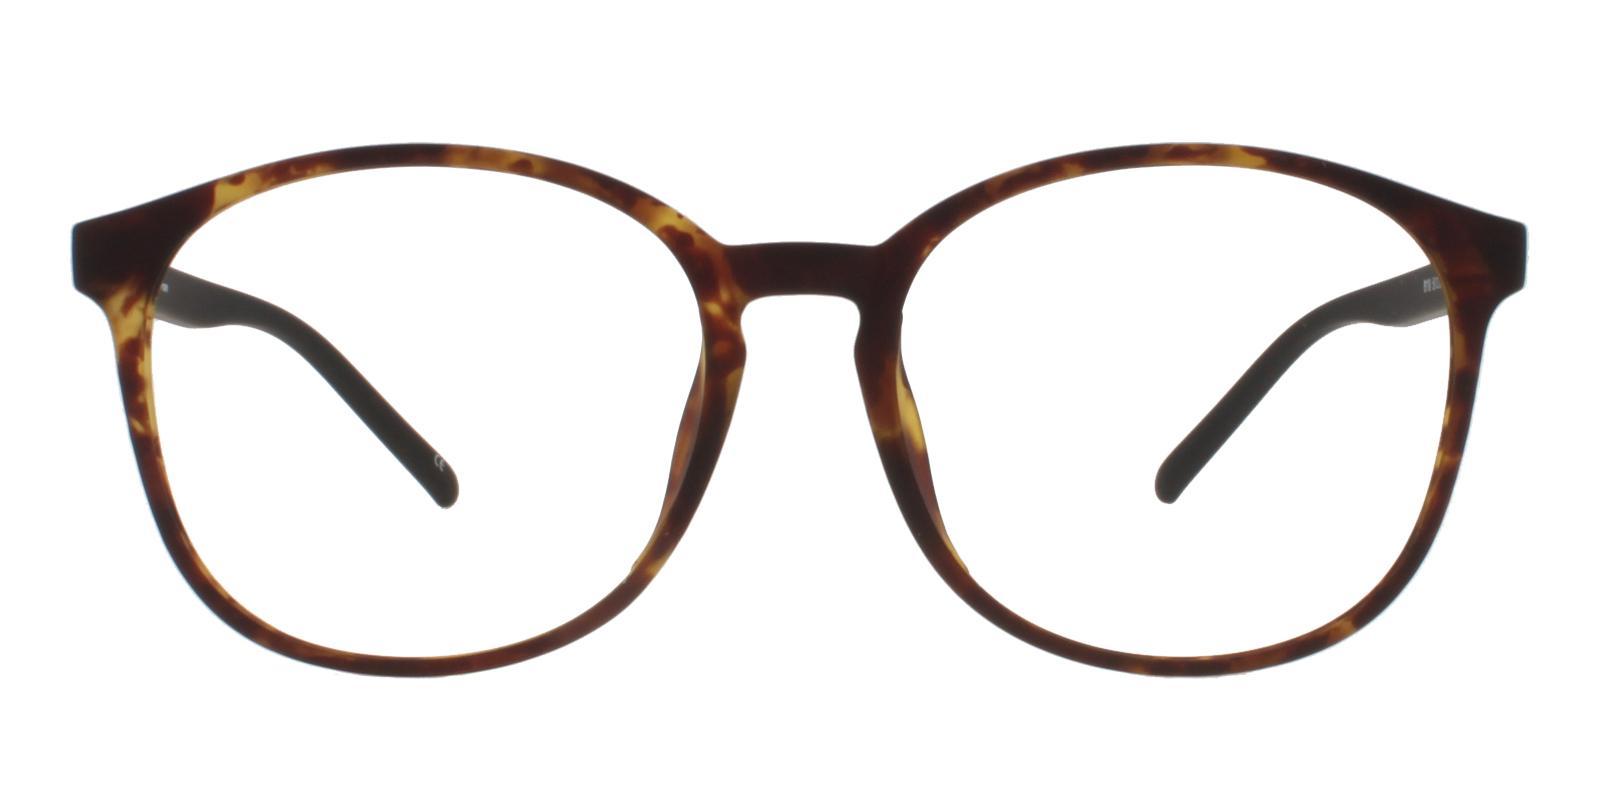 Dominica Tortoise TR Lightweight , UniversalBridgeFit , Eyeglasses Frames from ABBE Glasses